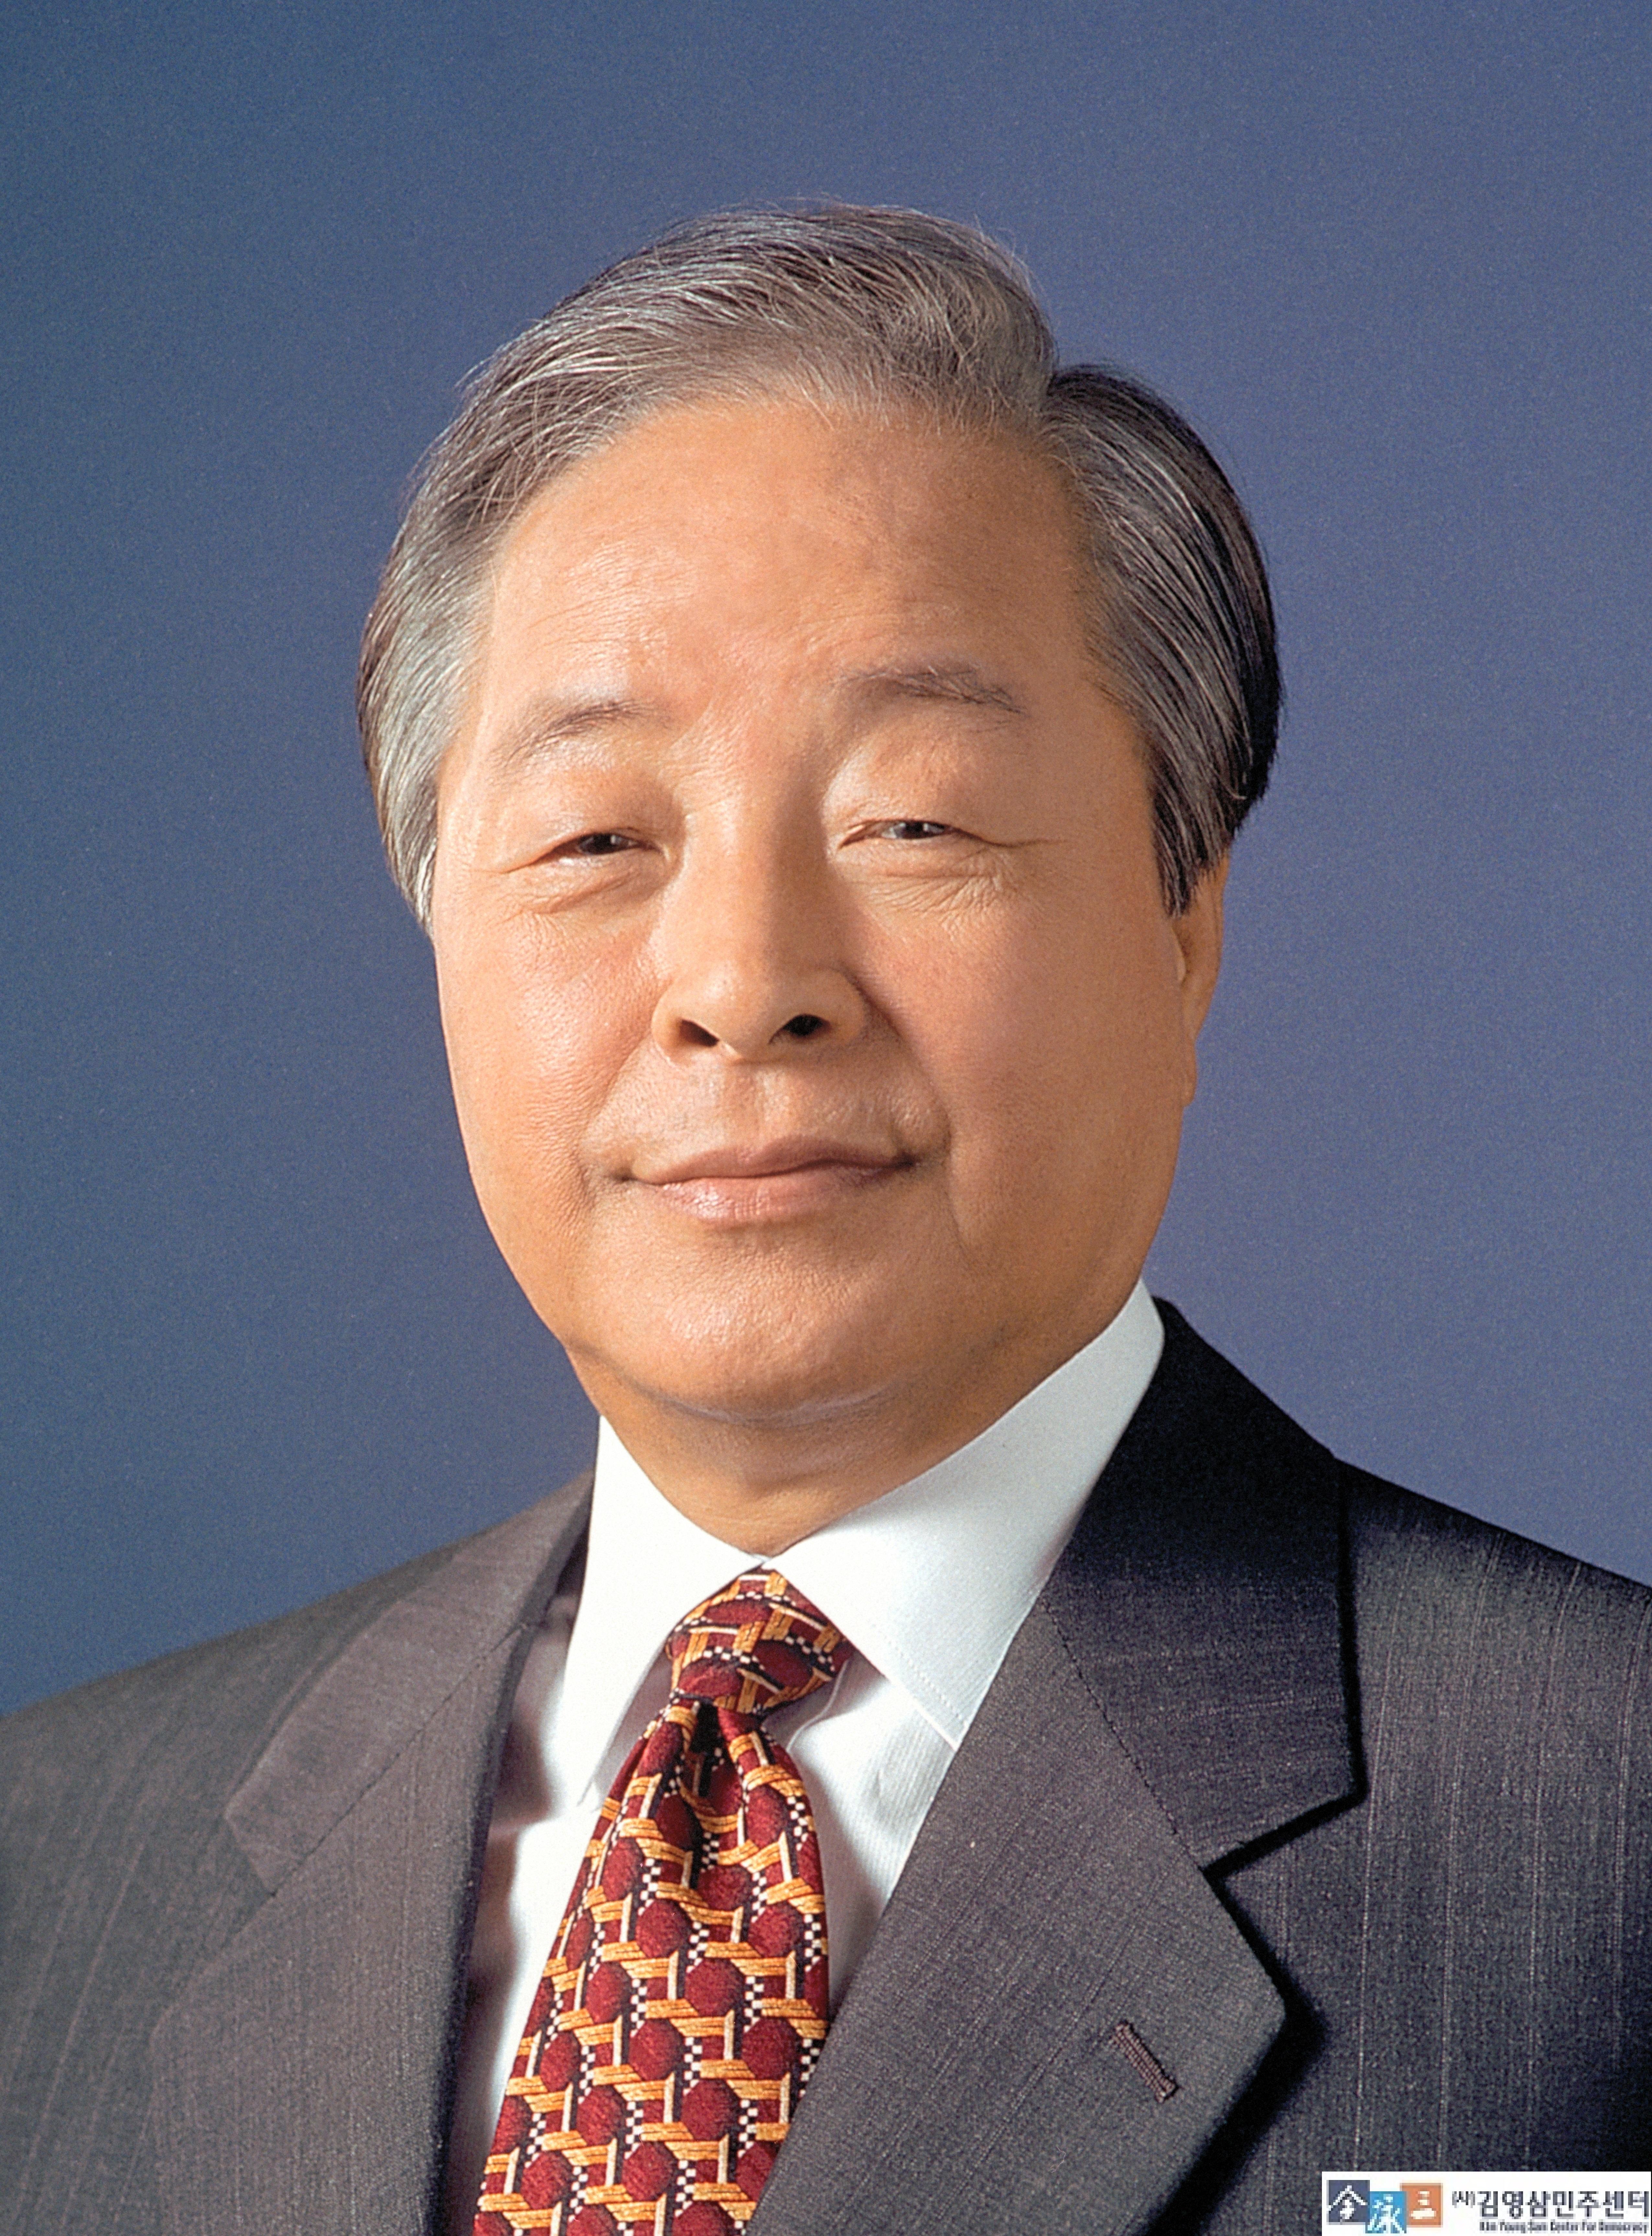 김영삼대통령 존영사진(대).jpg